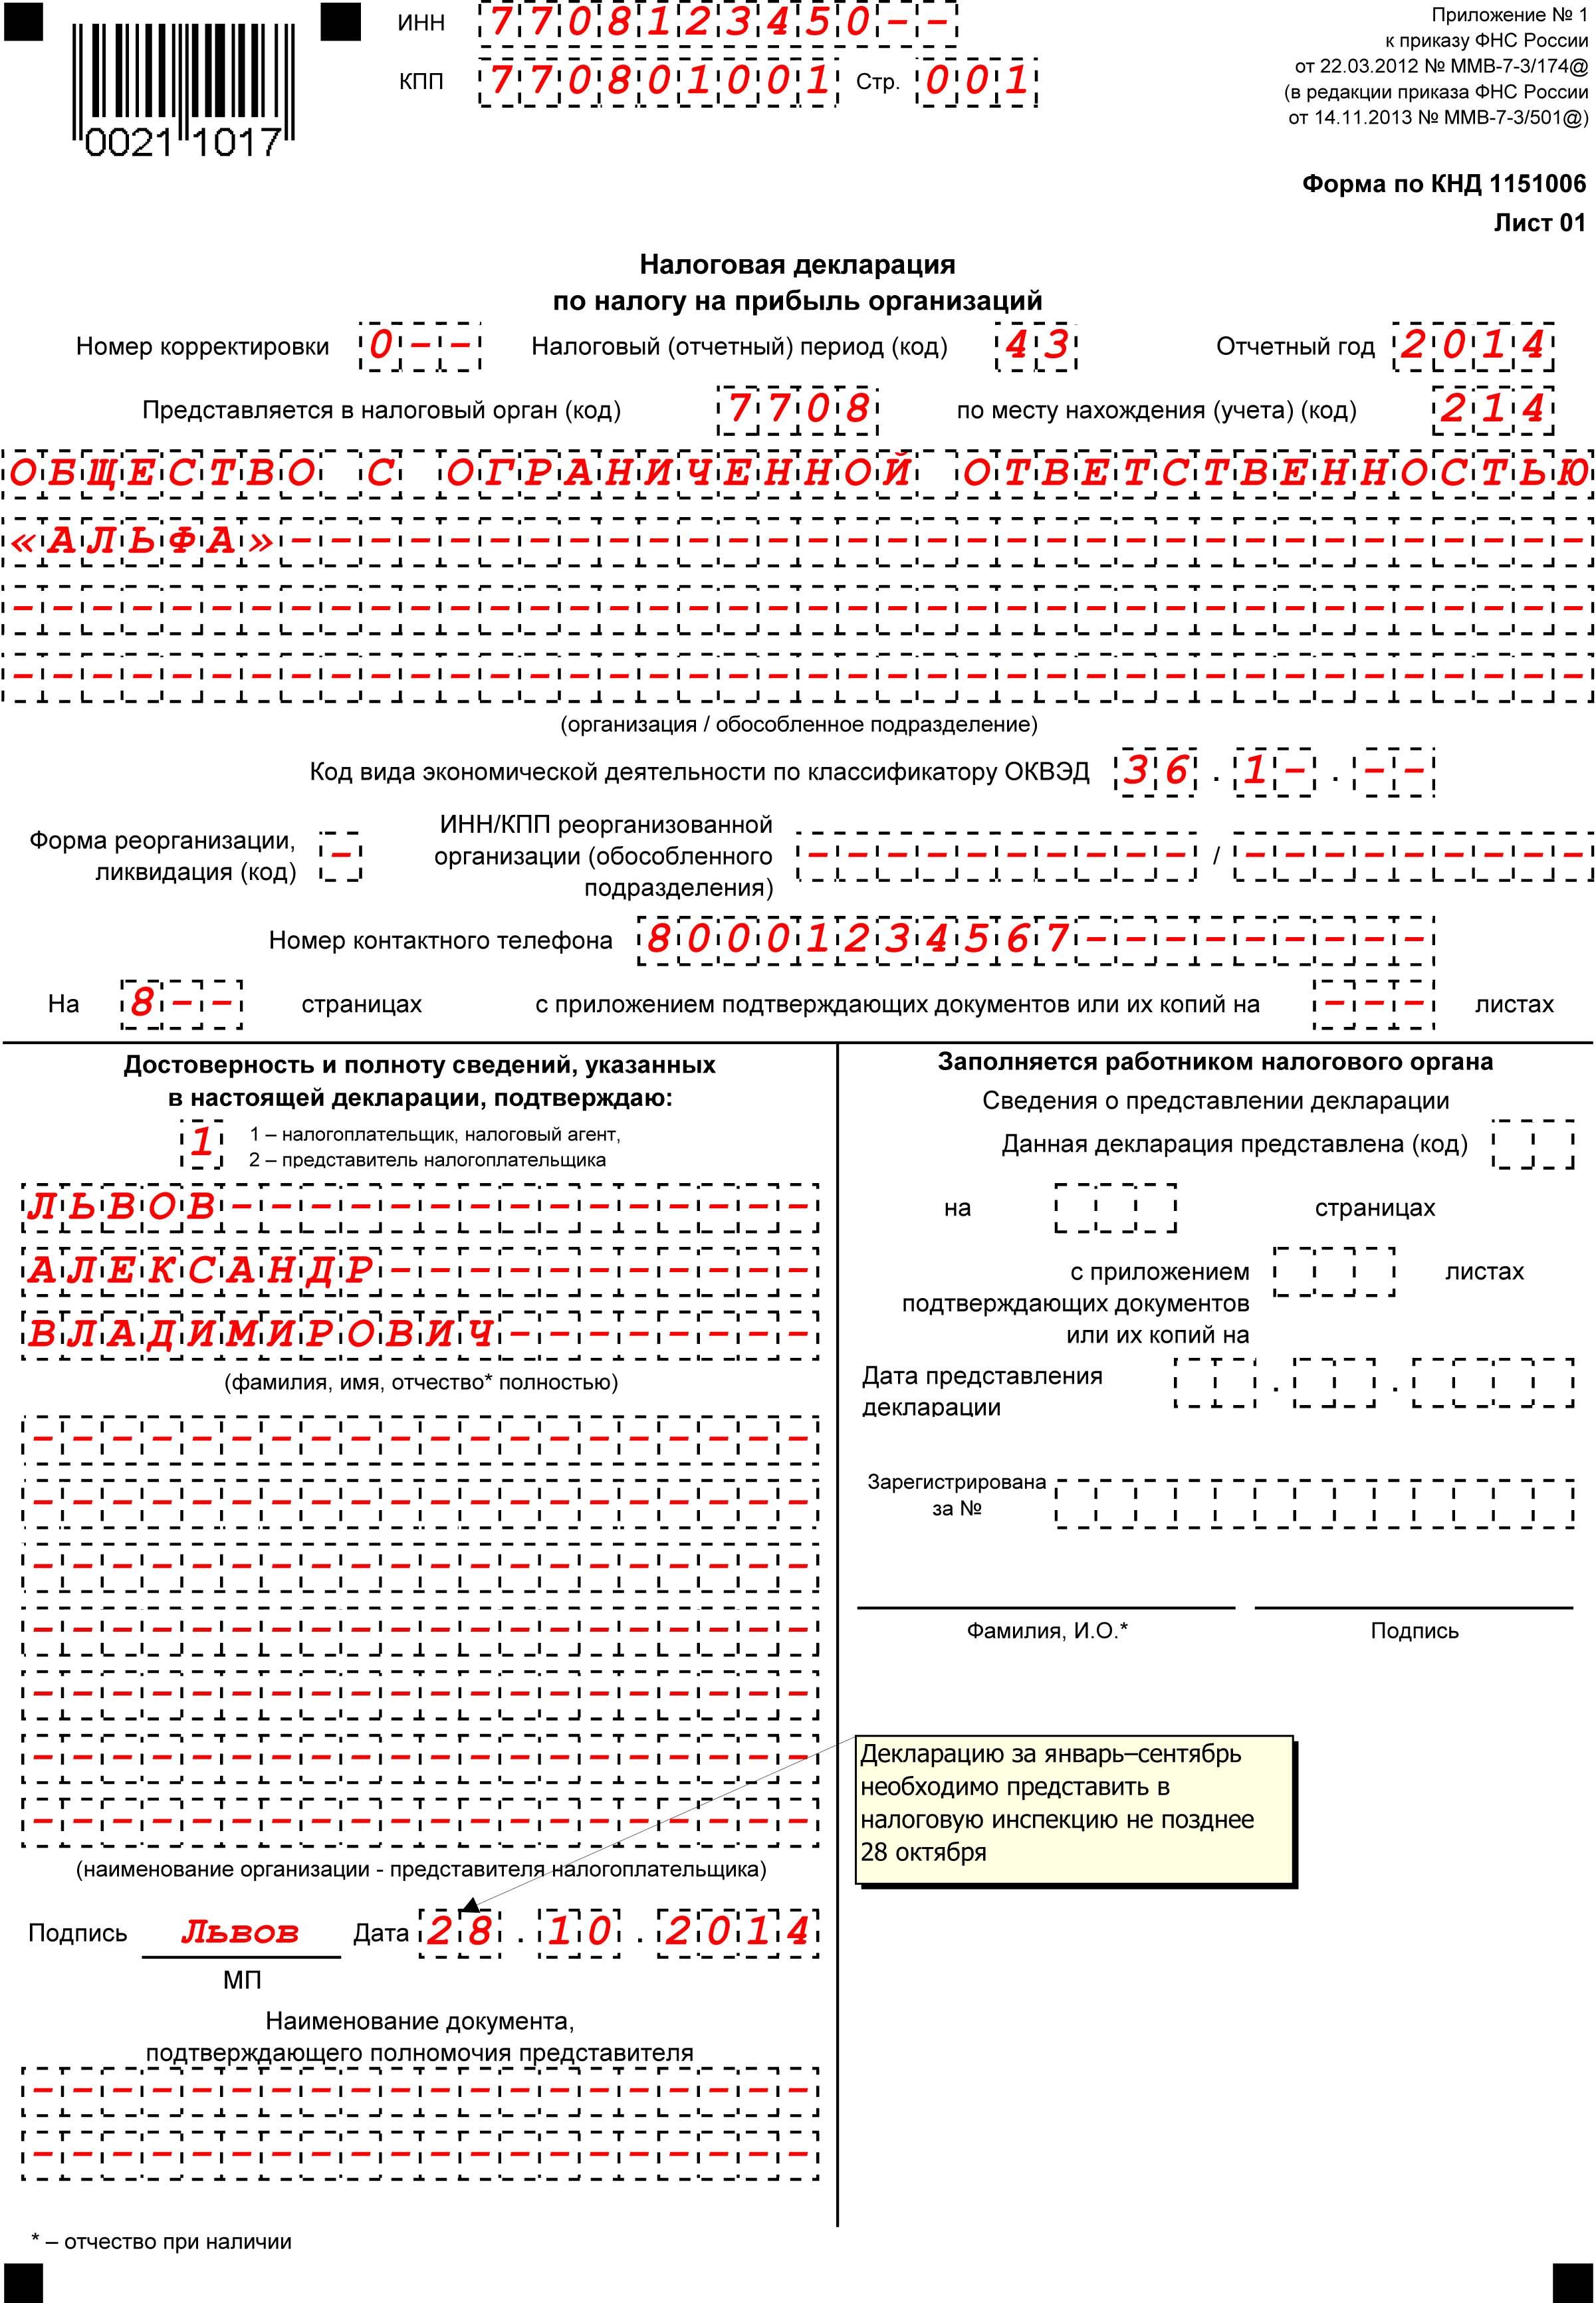 бланк заявления на пособие на погребение в 2014 году